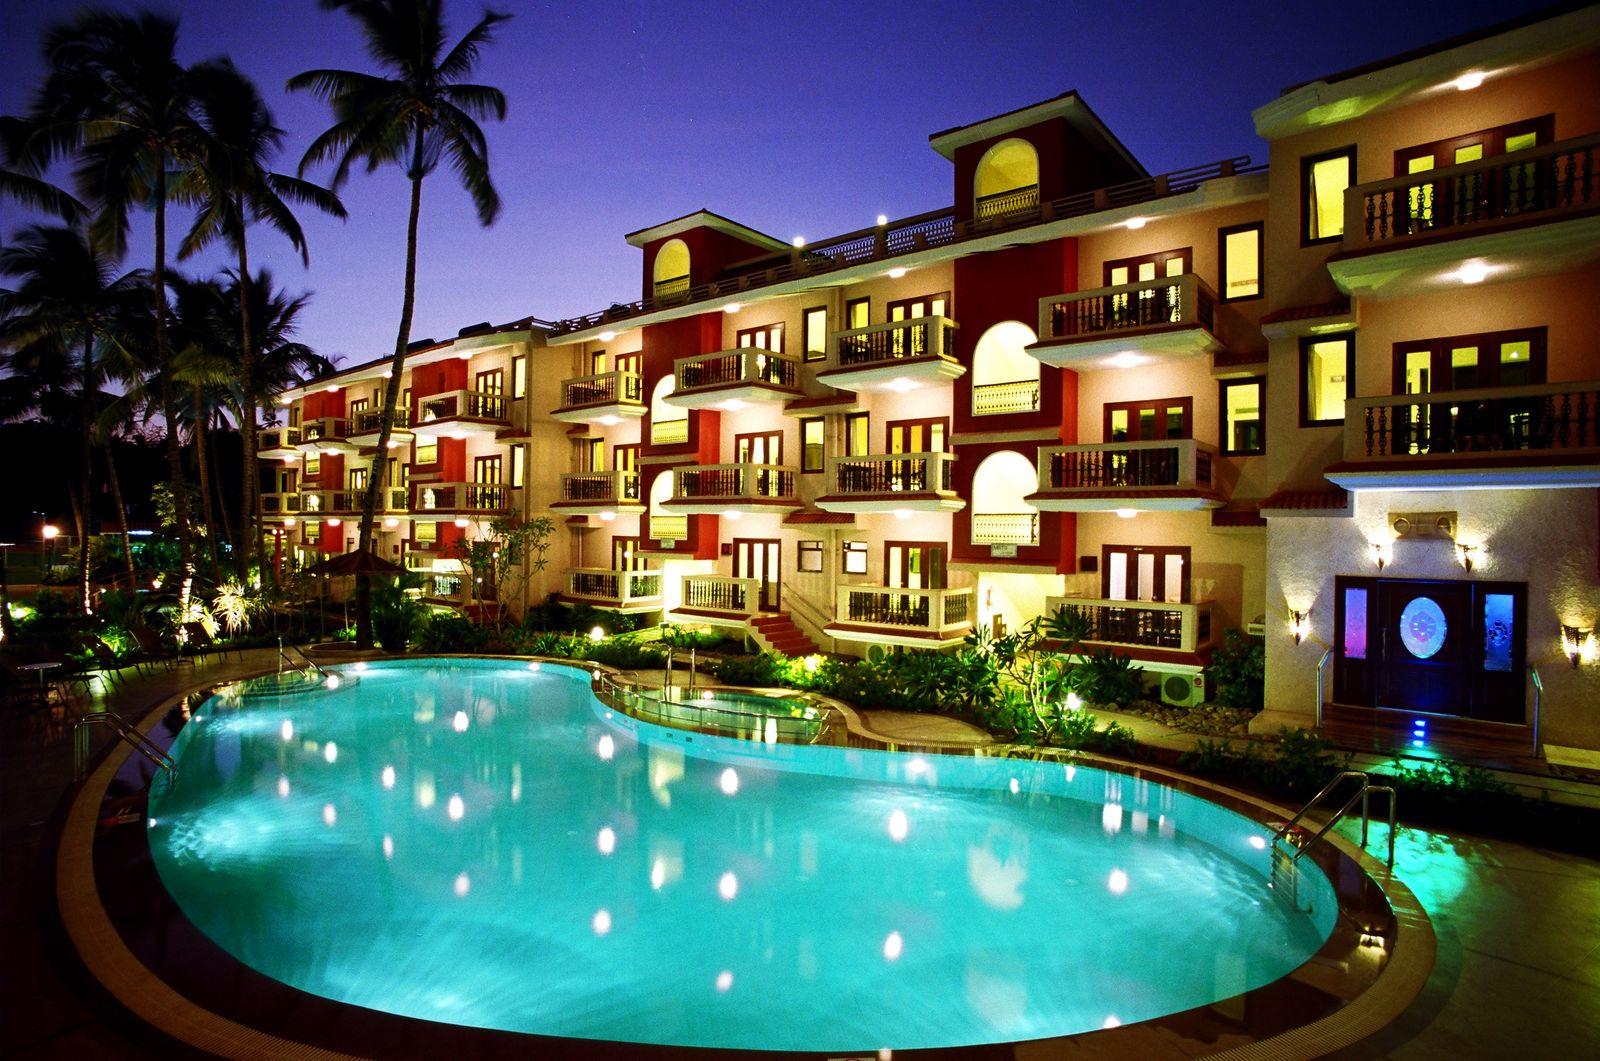 Khách sạn nghỉ dưỡng ( Nguồn ảnh: Internet )